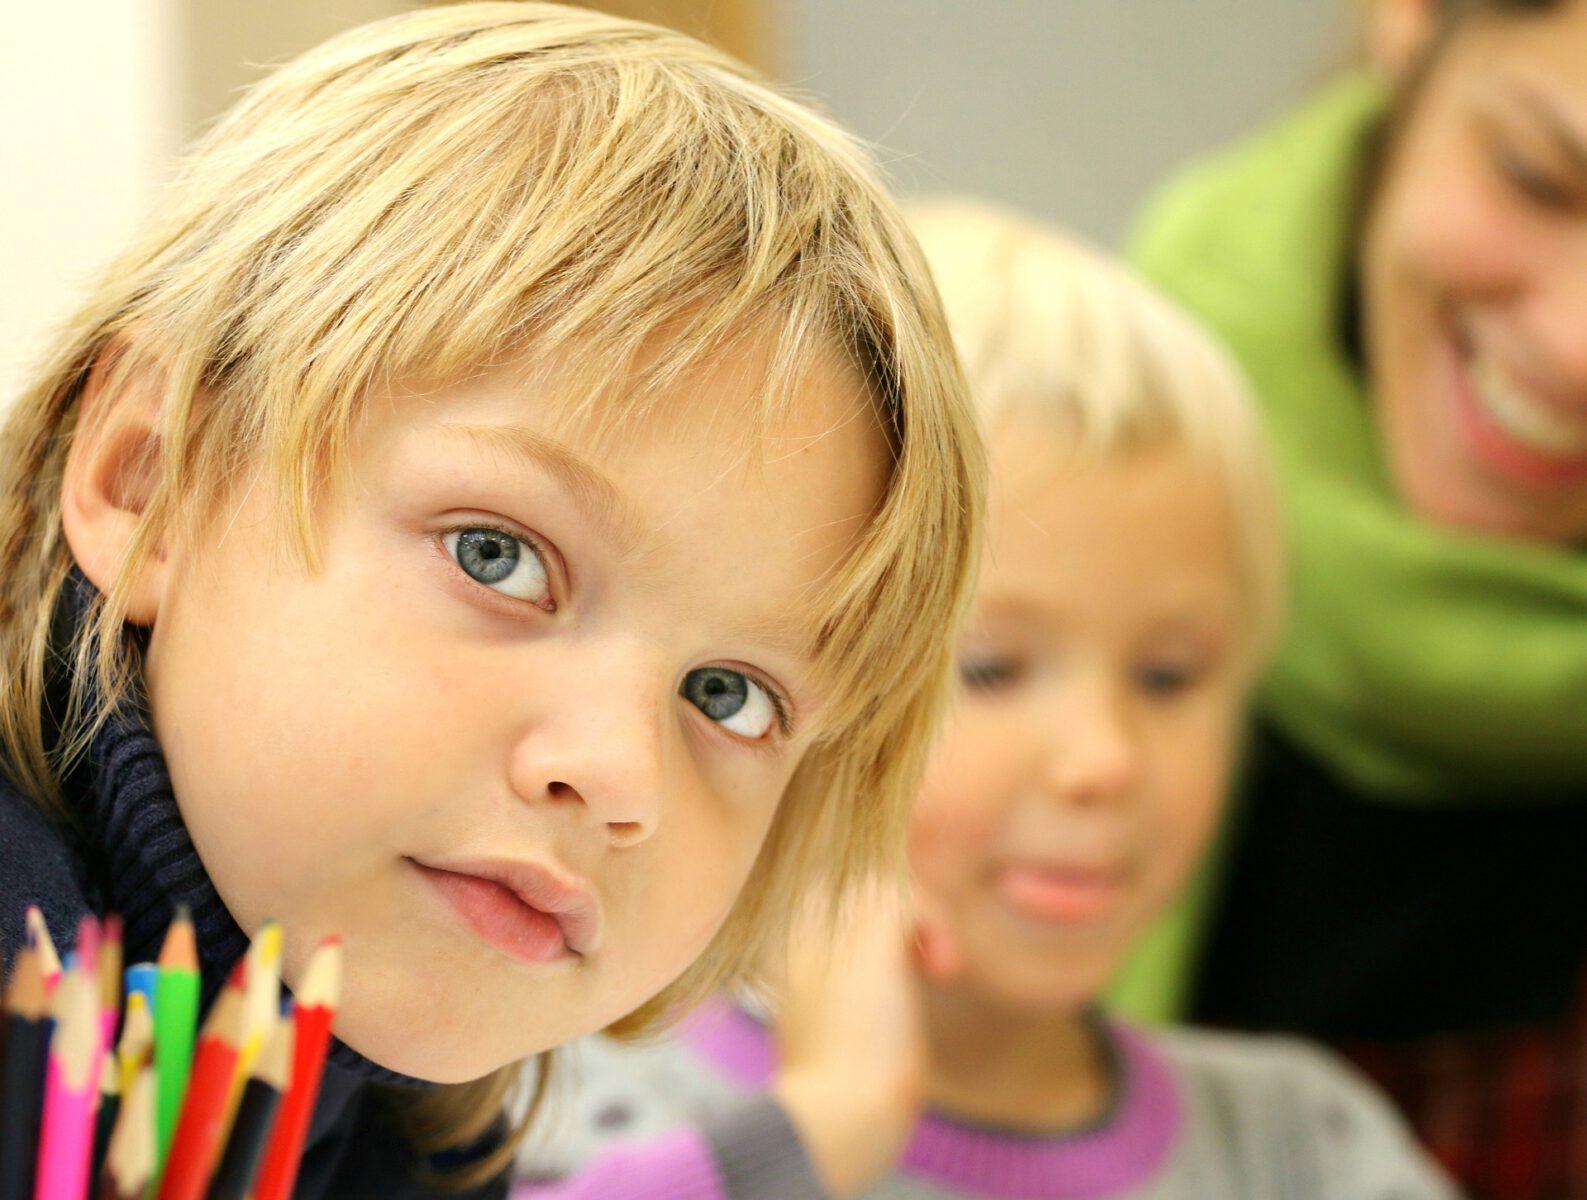 Zdjęcie twarzy dziecka